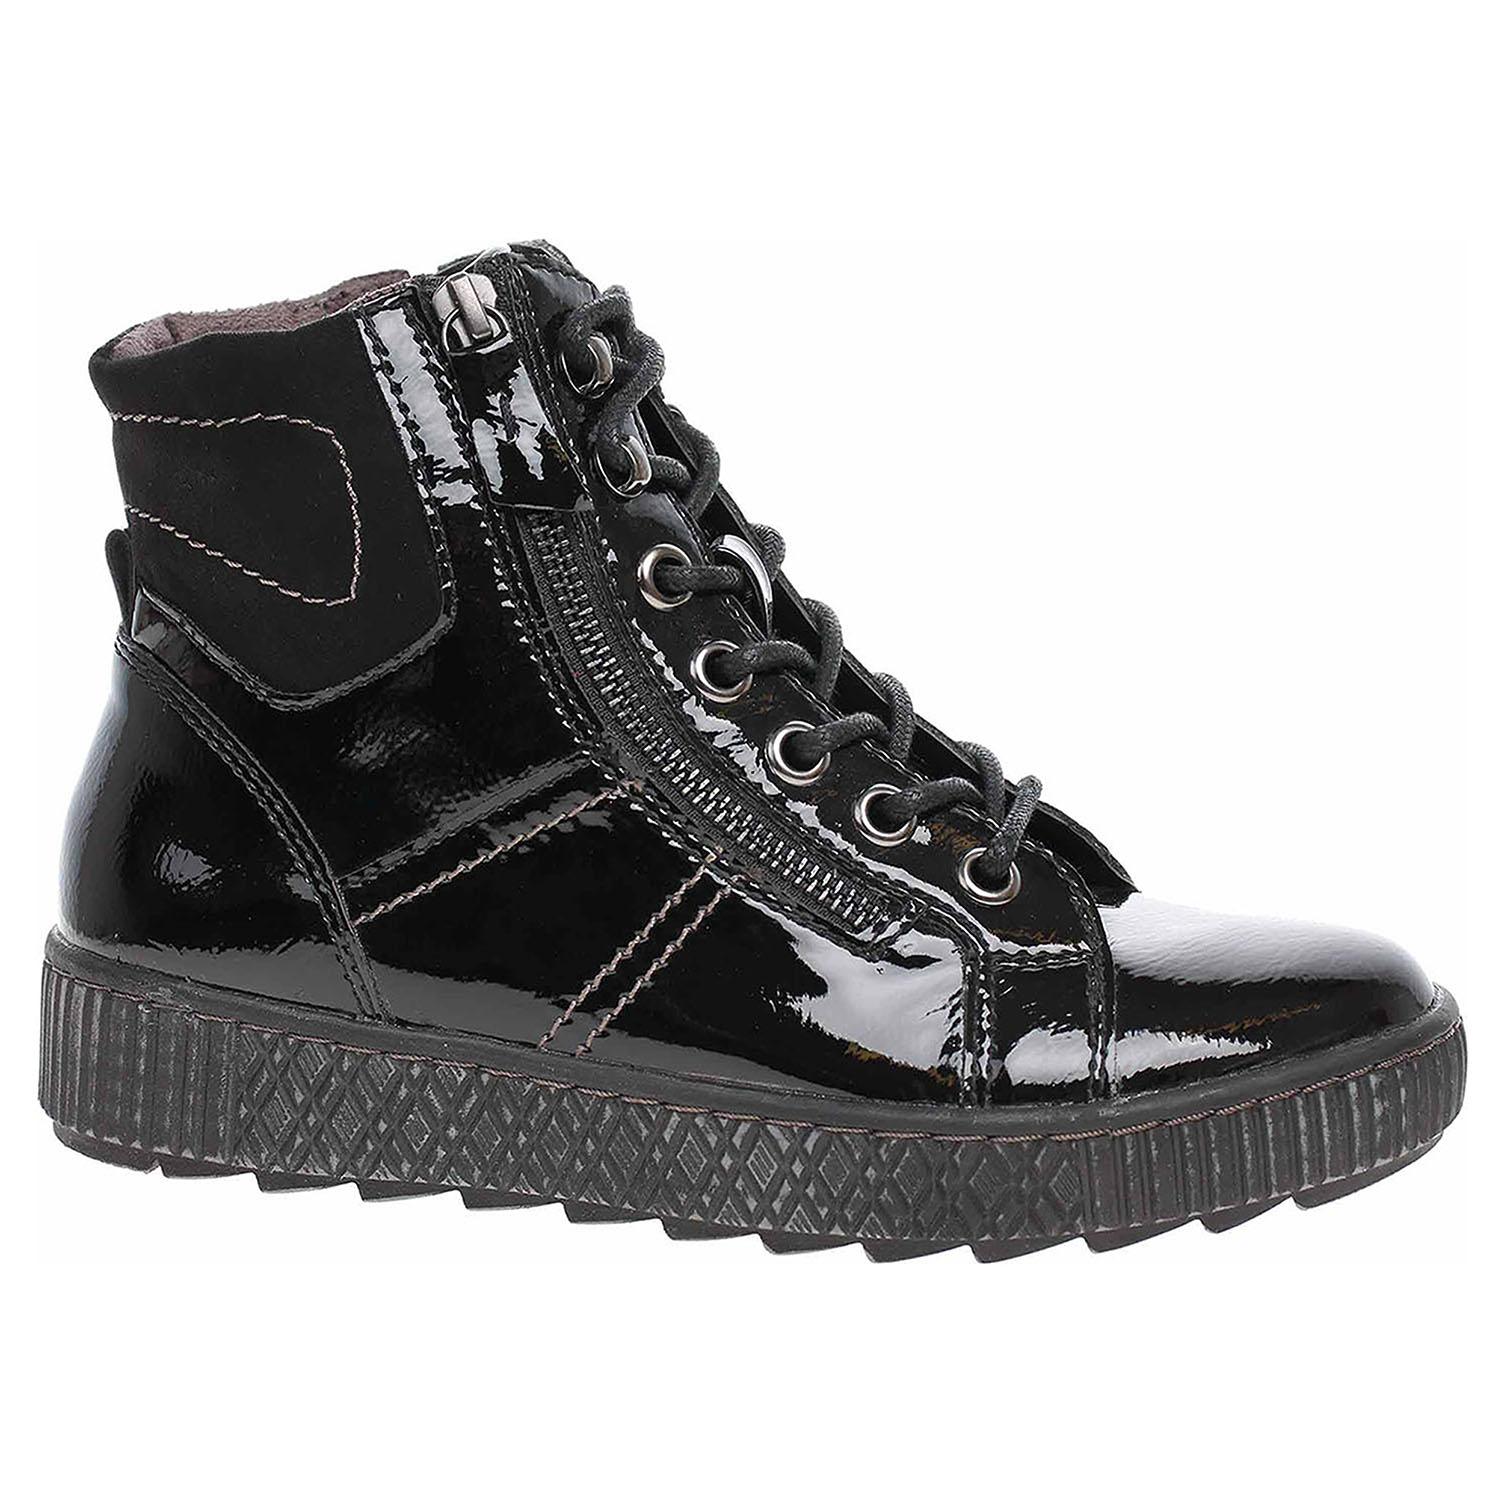 Dámská kotníková obuv Jana 8-25203-23 black patent 8-8-25203-23 018 39